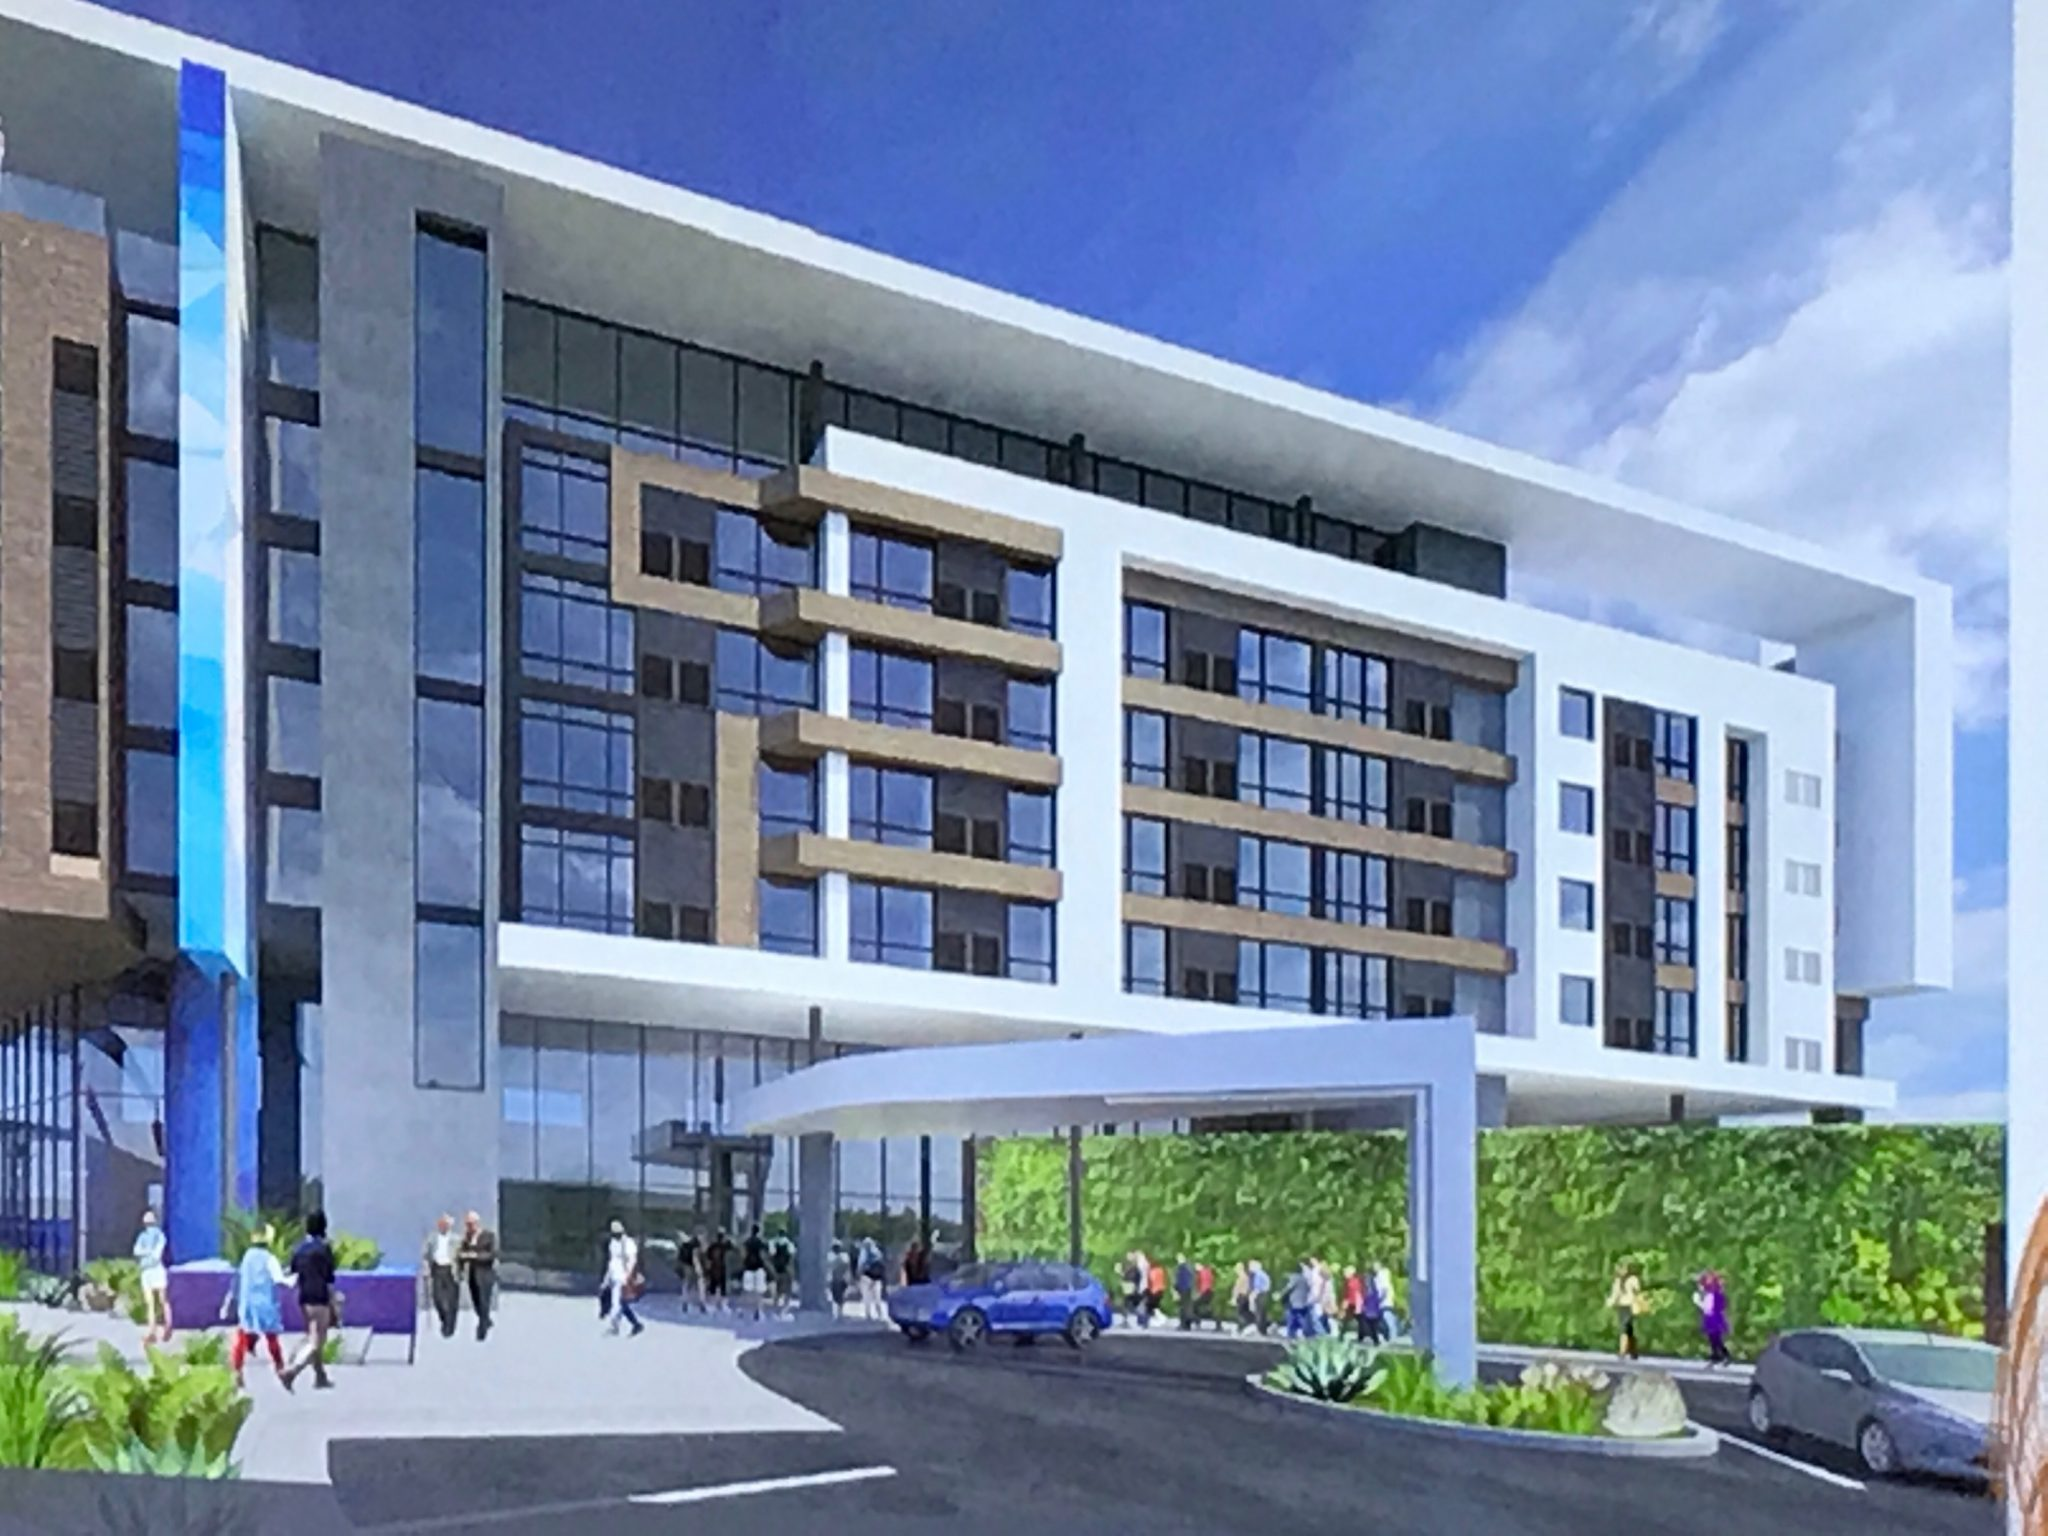 Hotel Cameron -Atlanta - Rendering 3